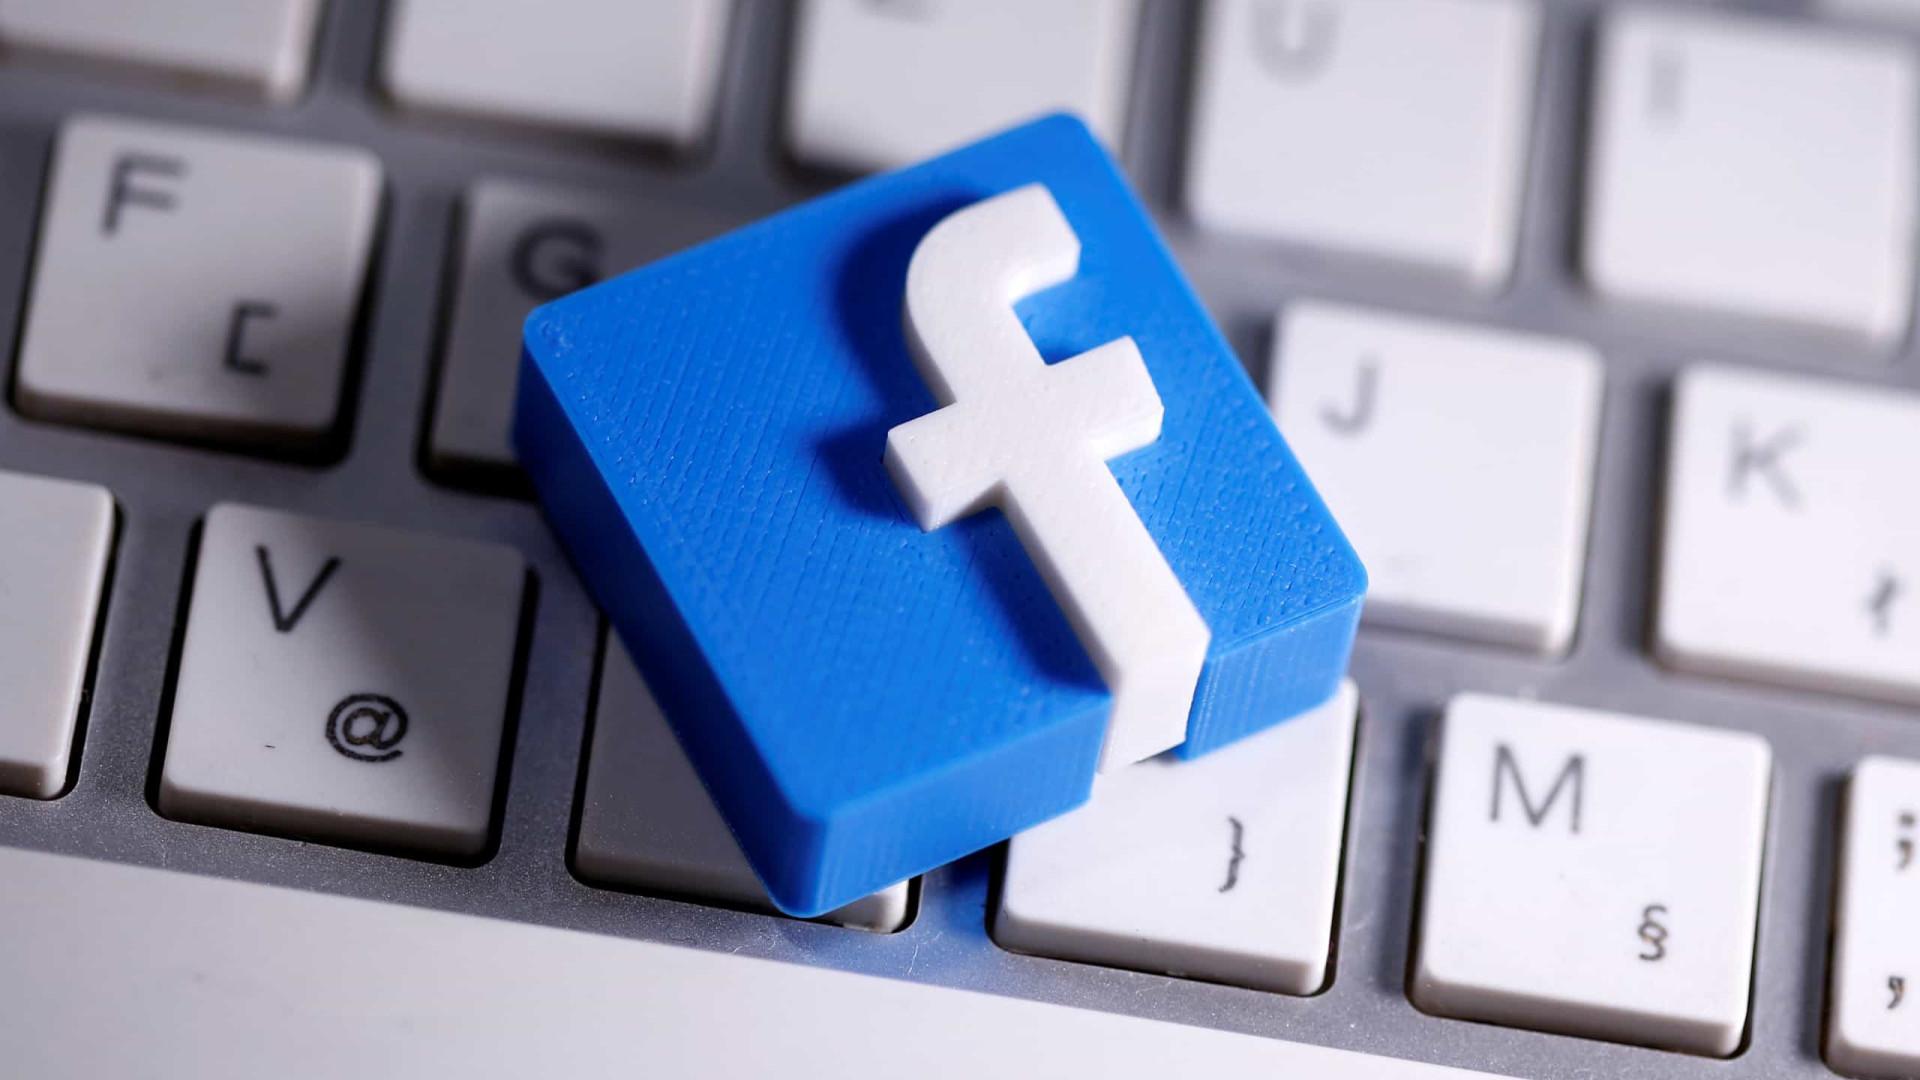 Moderadores do Facebook pressionados a voltarem aos escritórios